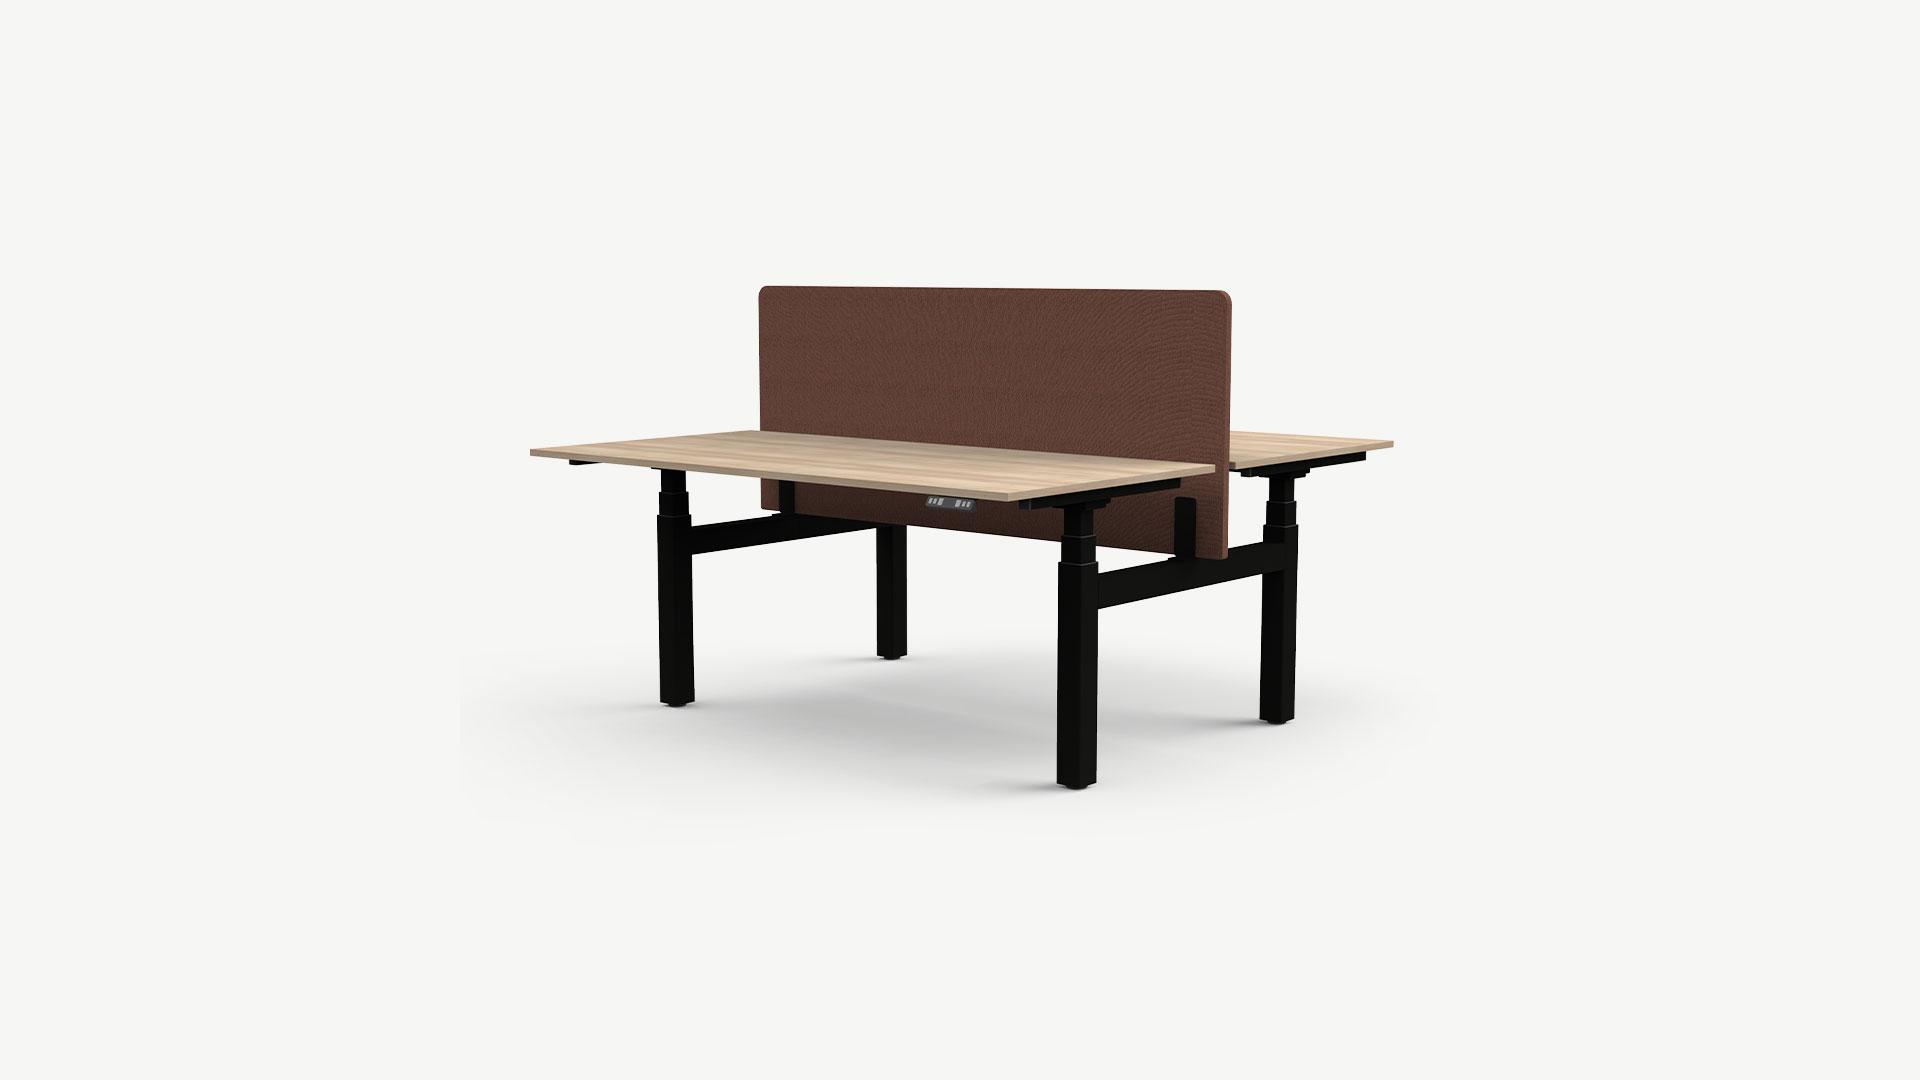 Nowy Styl höhenverstellbarer Schreibtisch Kombi eUP 3S, H-Fuß-Gestell